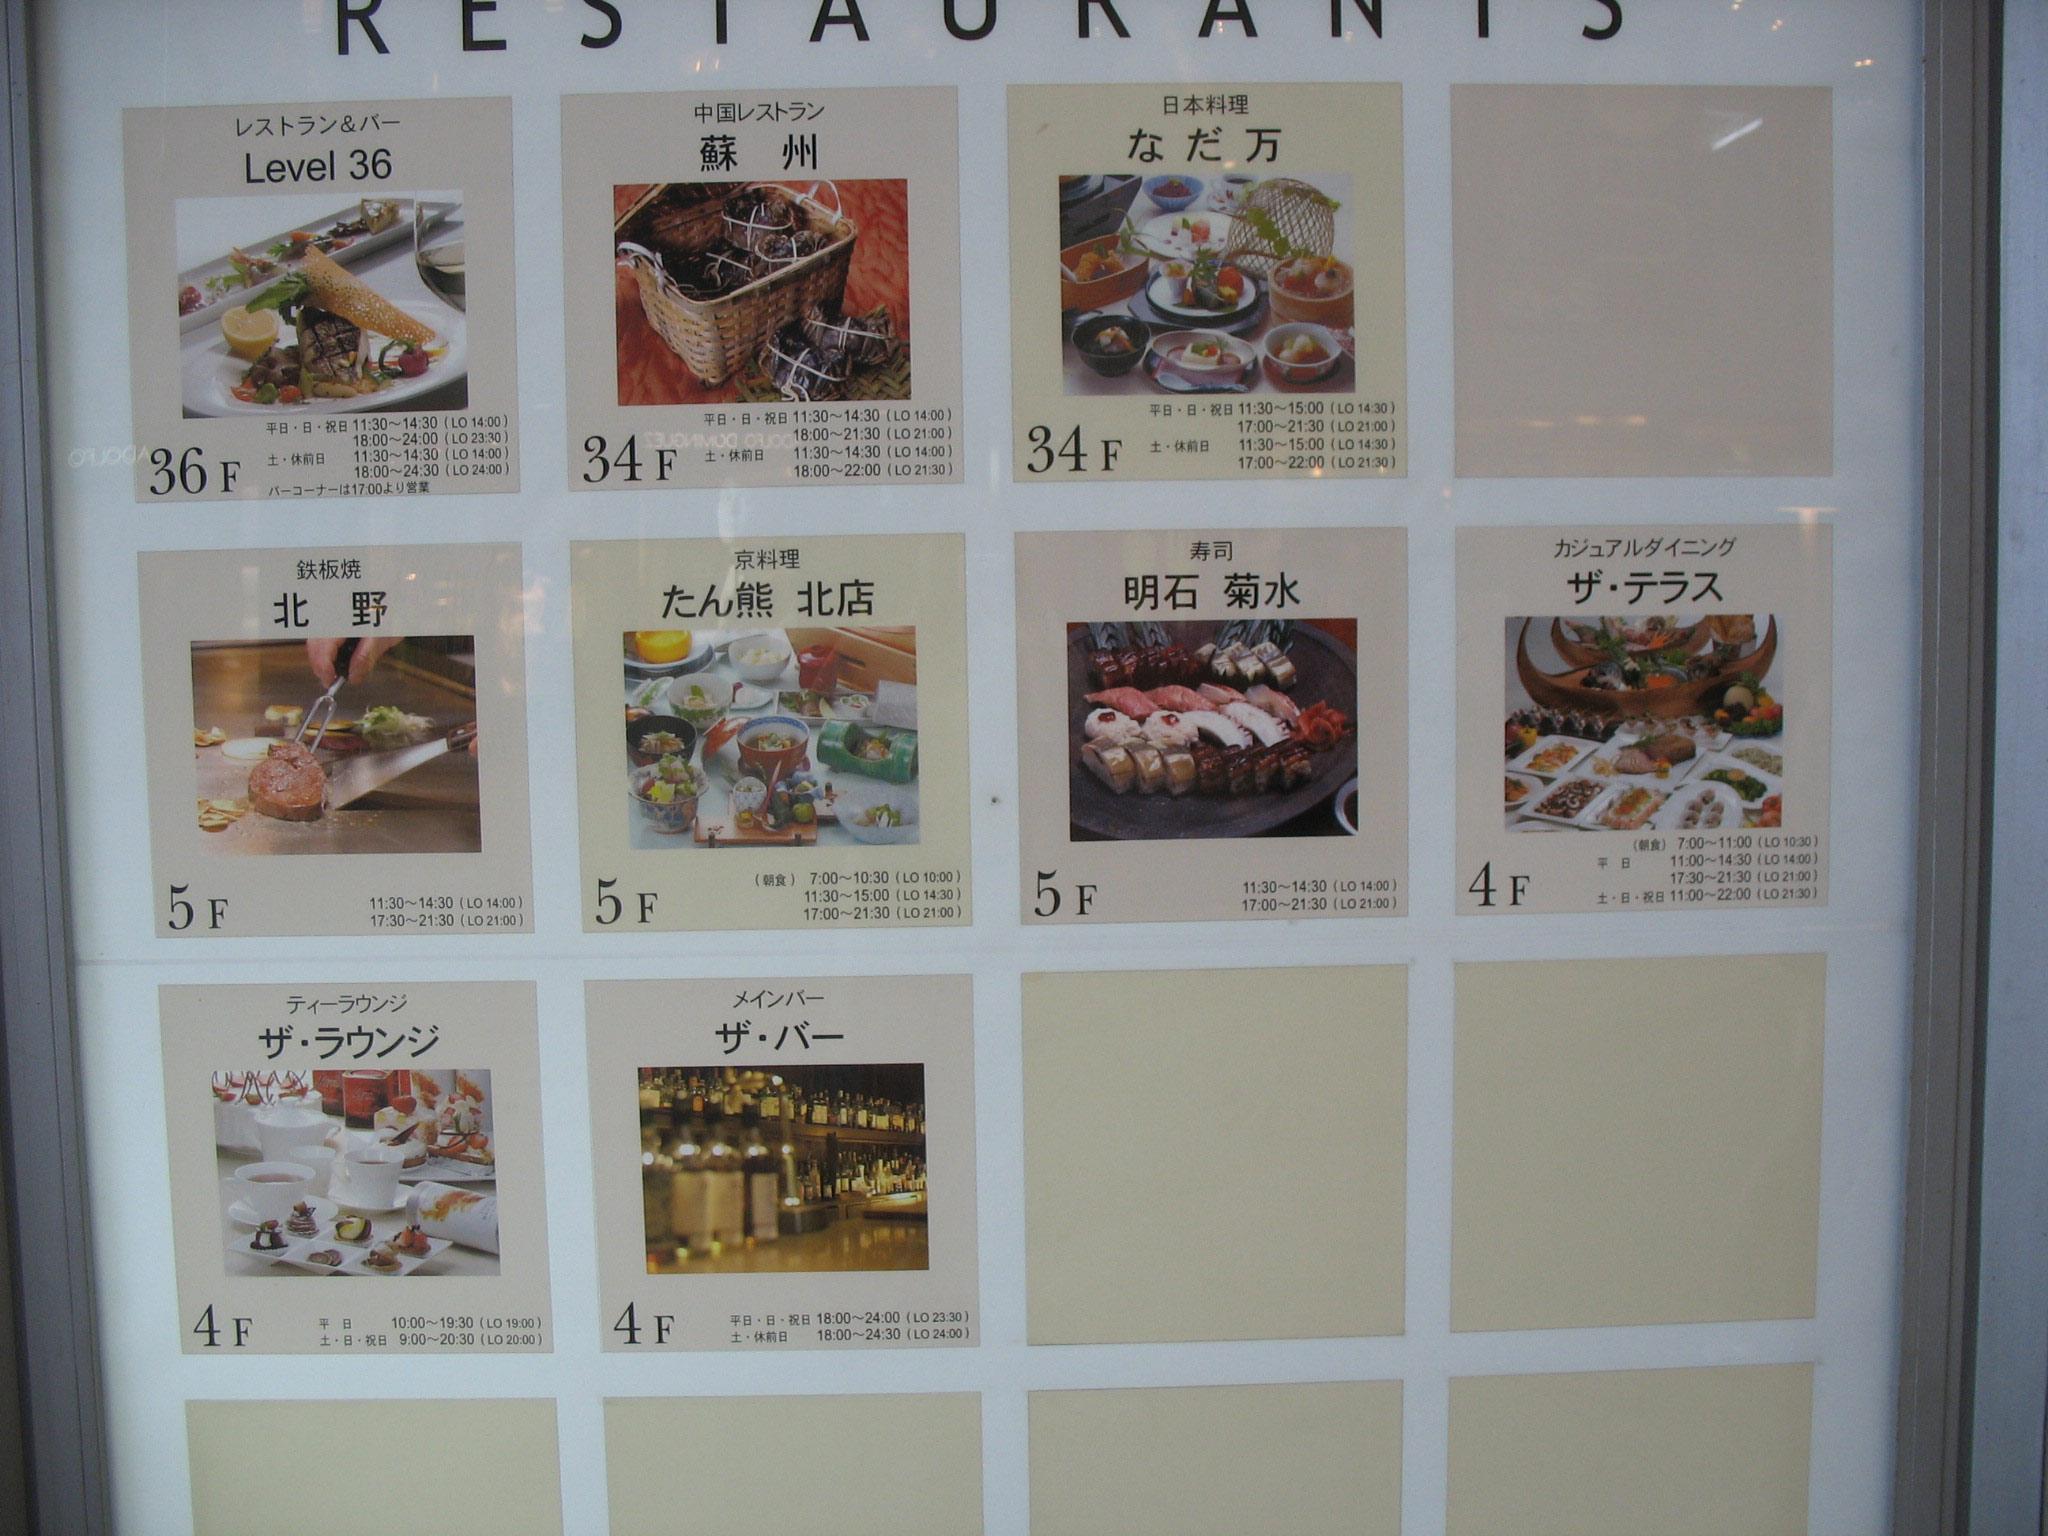 新神戸駅となりのOPA内食べ物屋さん4階から上で。。